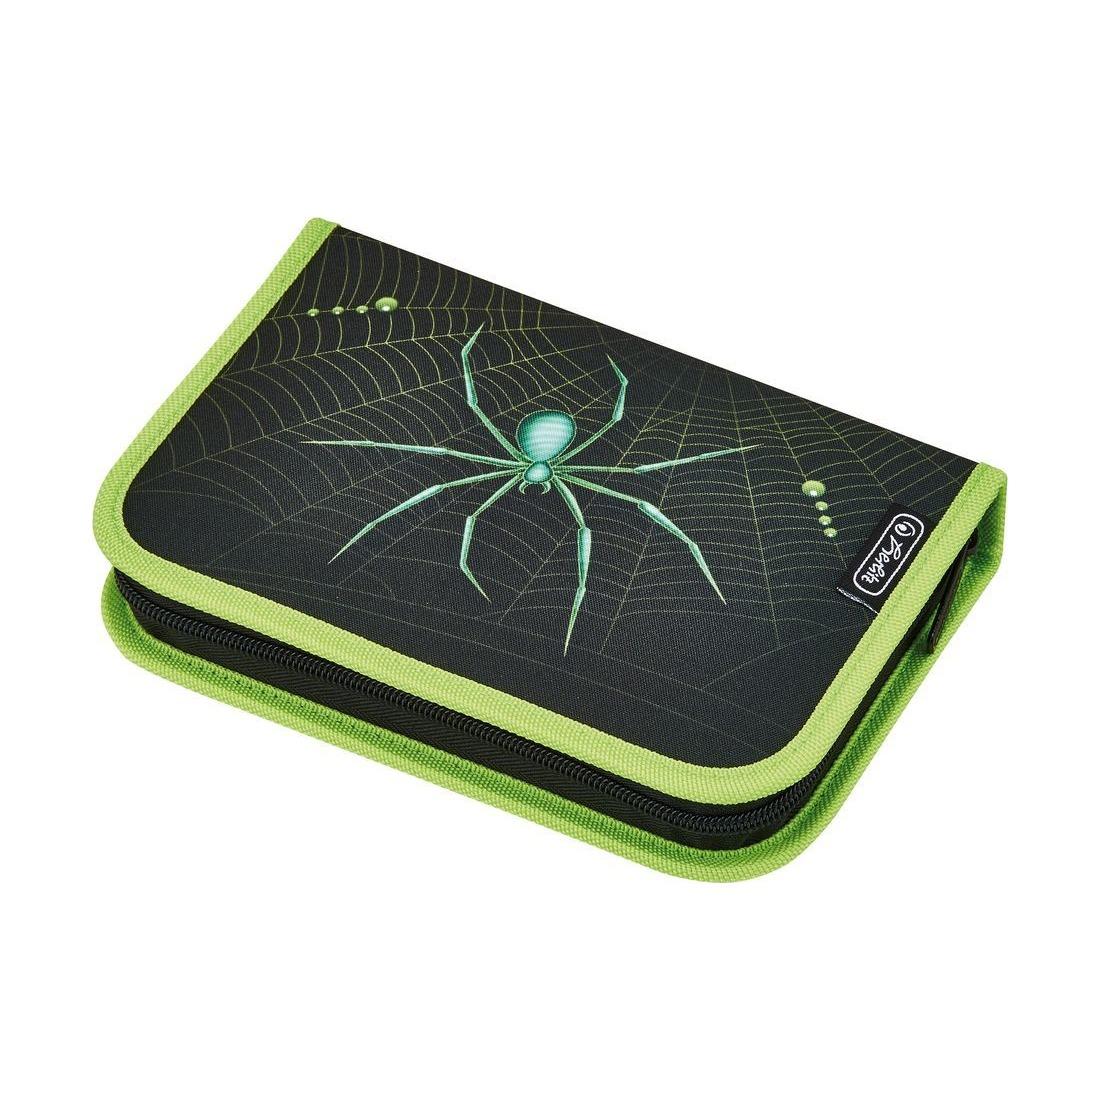 Купить Пенал - Spider, с наполнением, 31 предмет, Herlitz